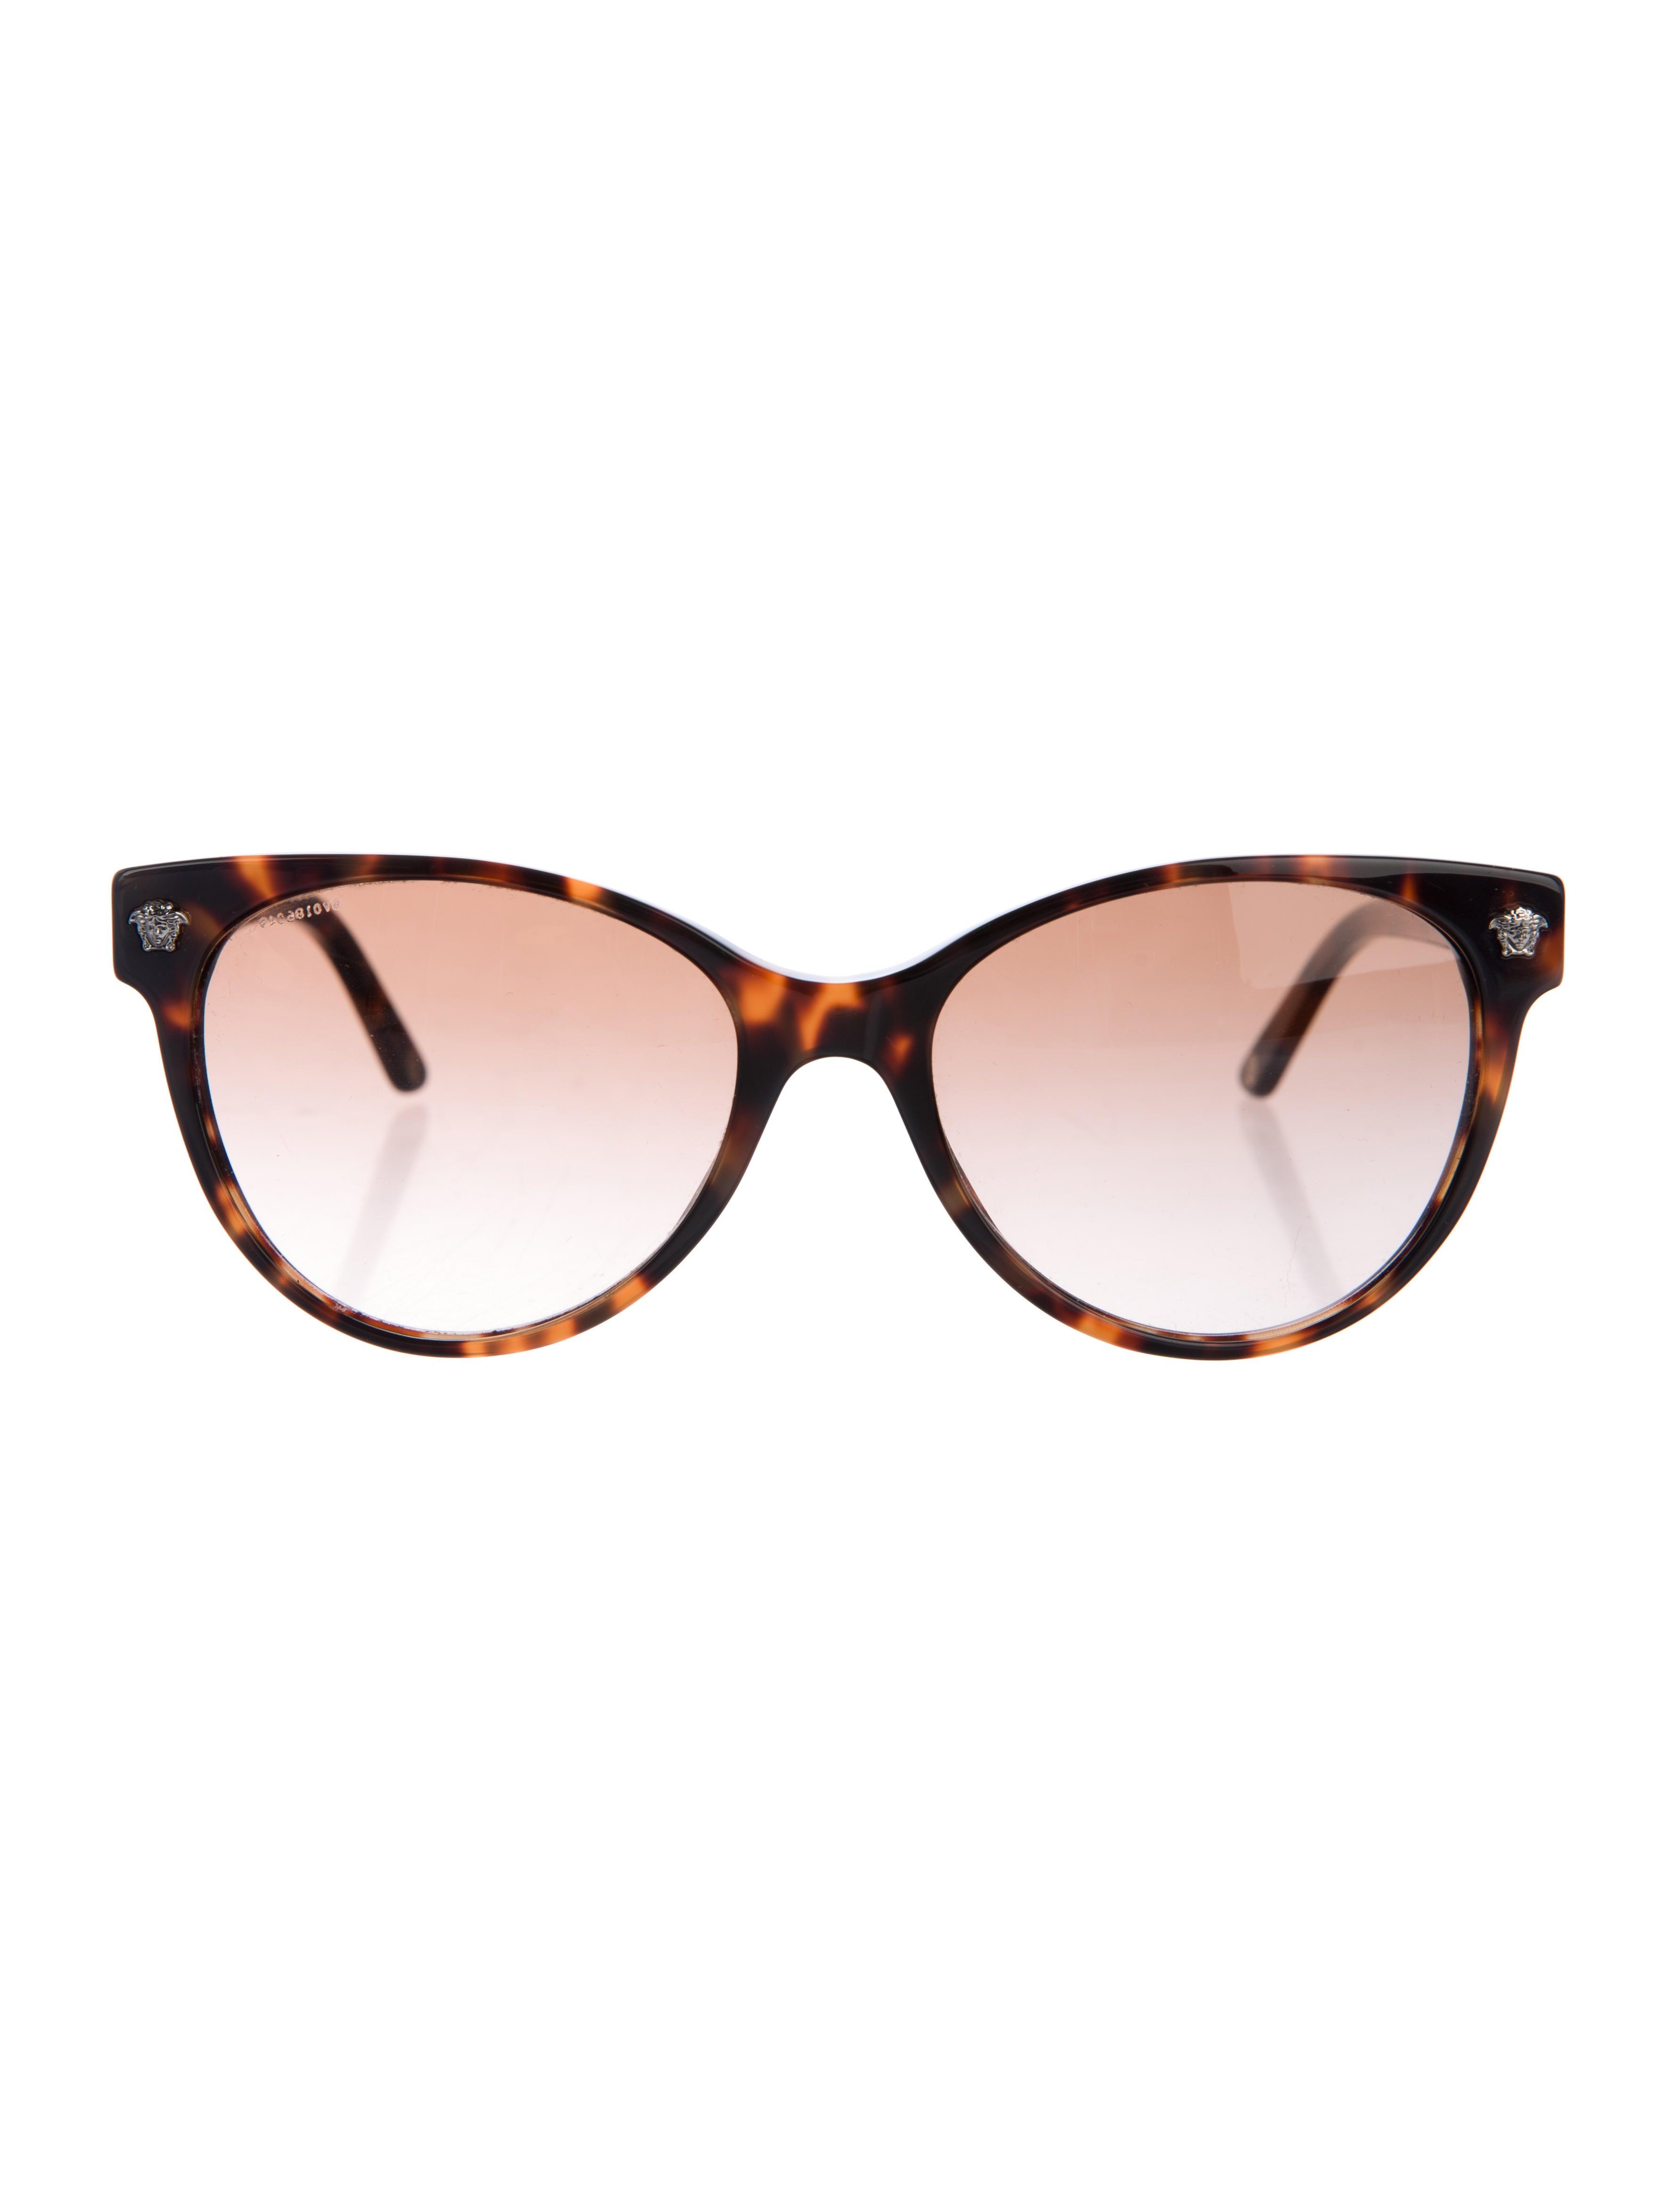 Medusa Cat Eye Sunglasses